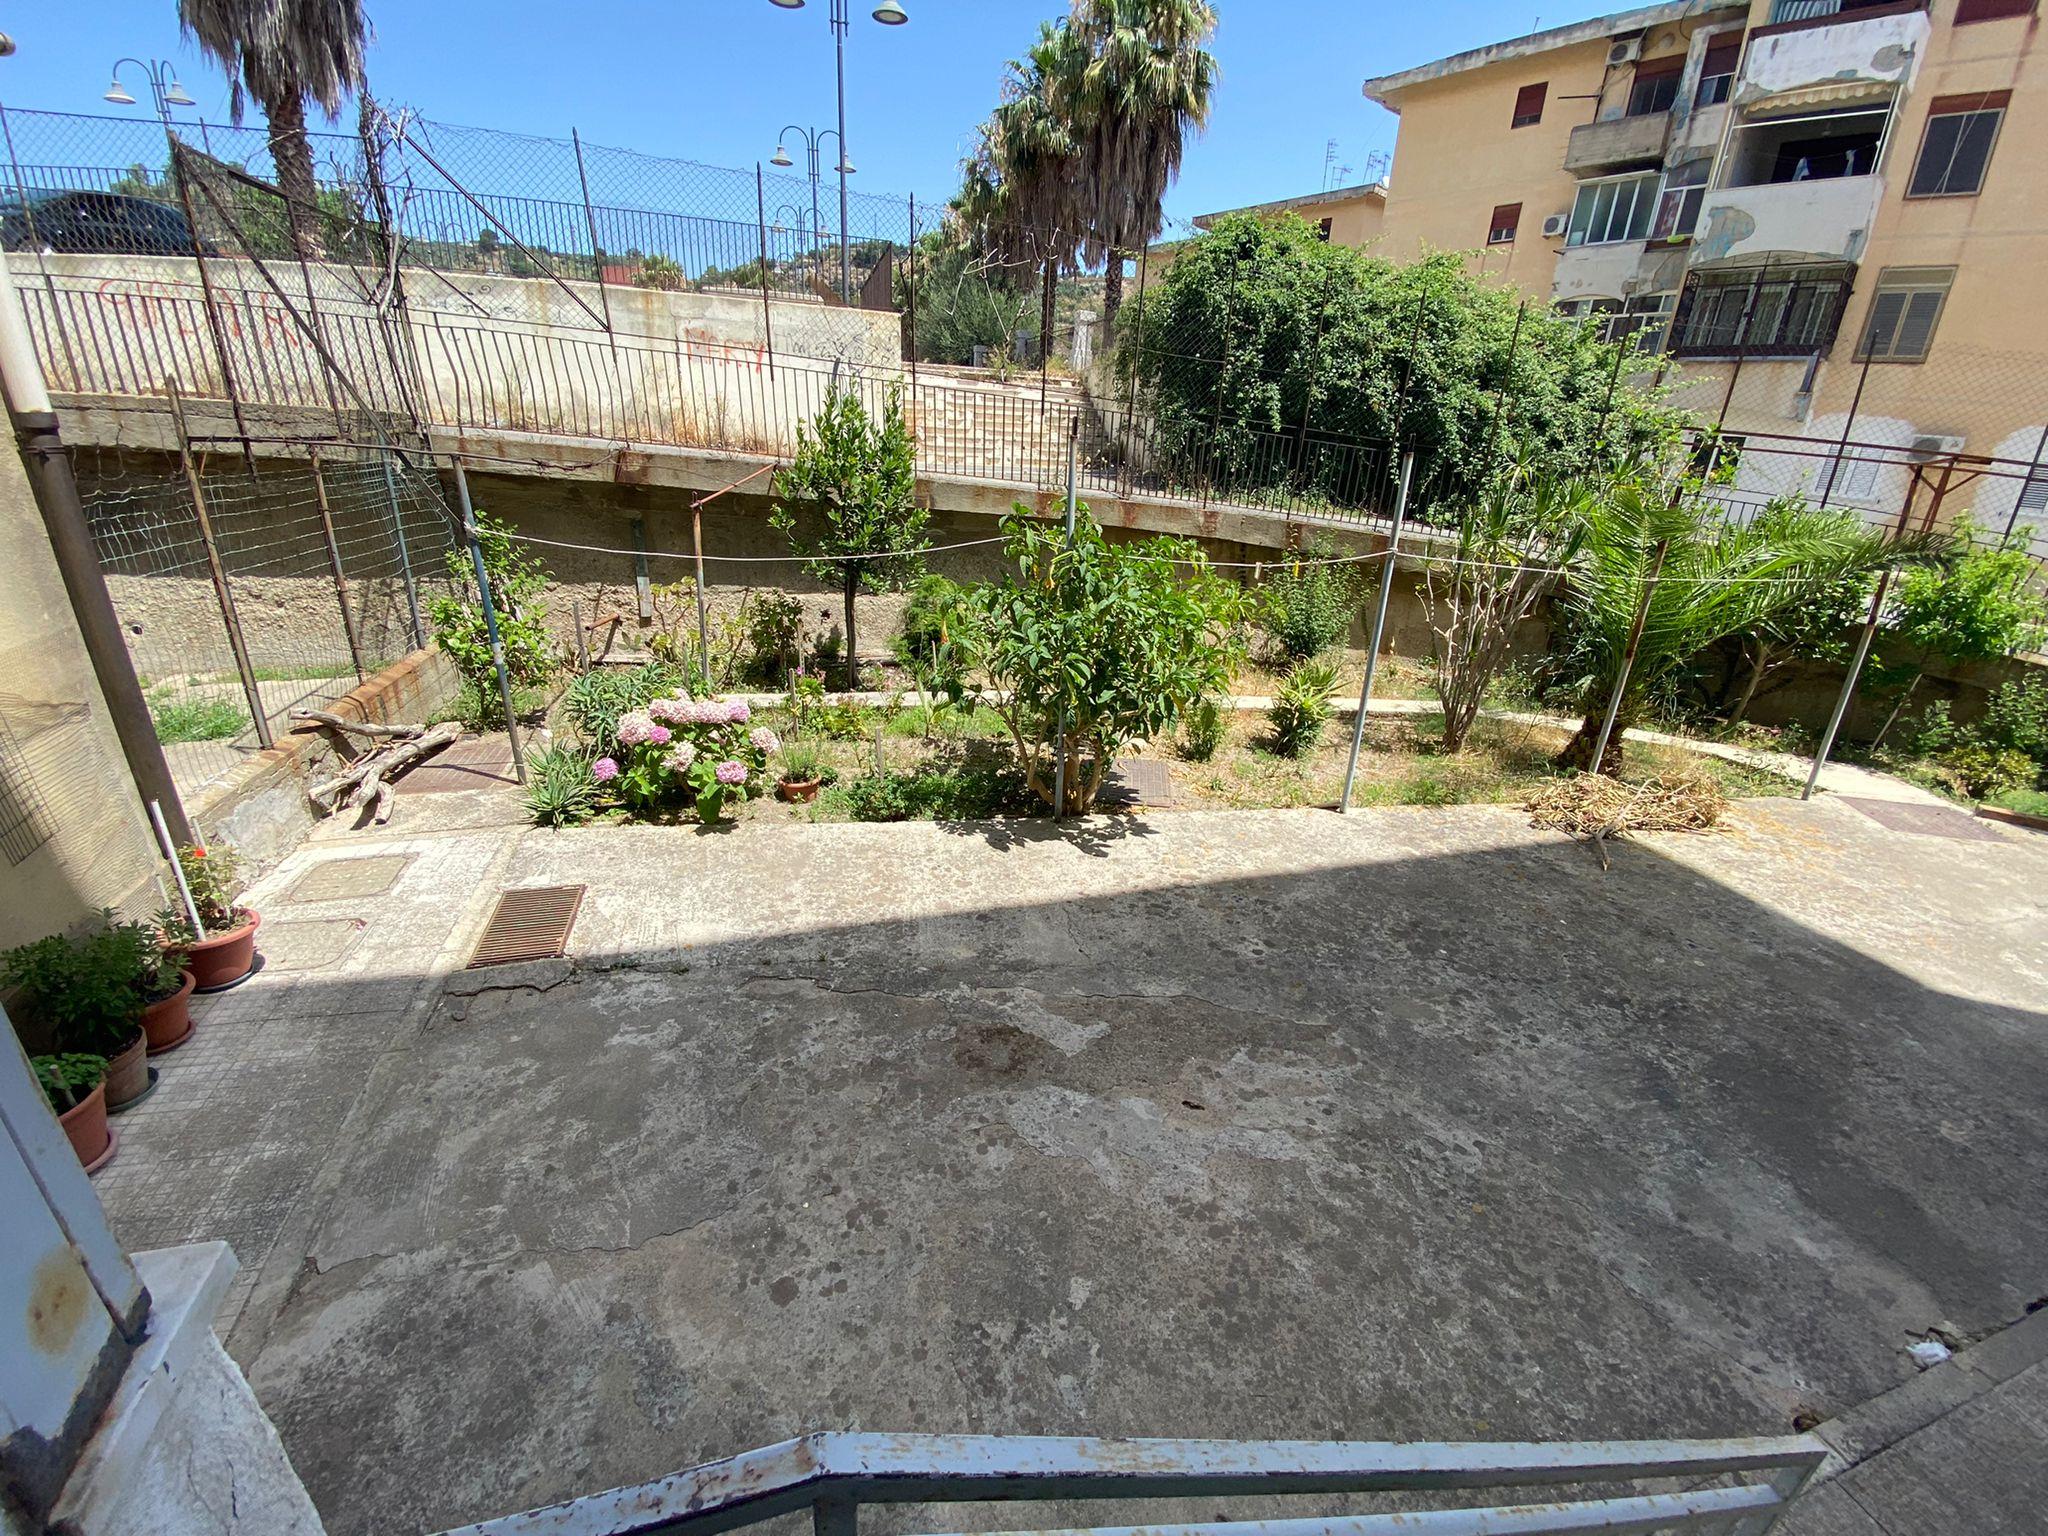 Svincolo San Filippo in vendita 4 vani più servizi più giardino